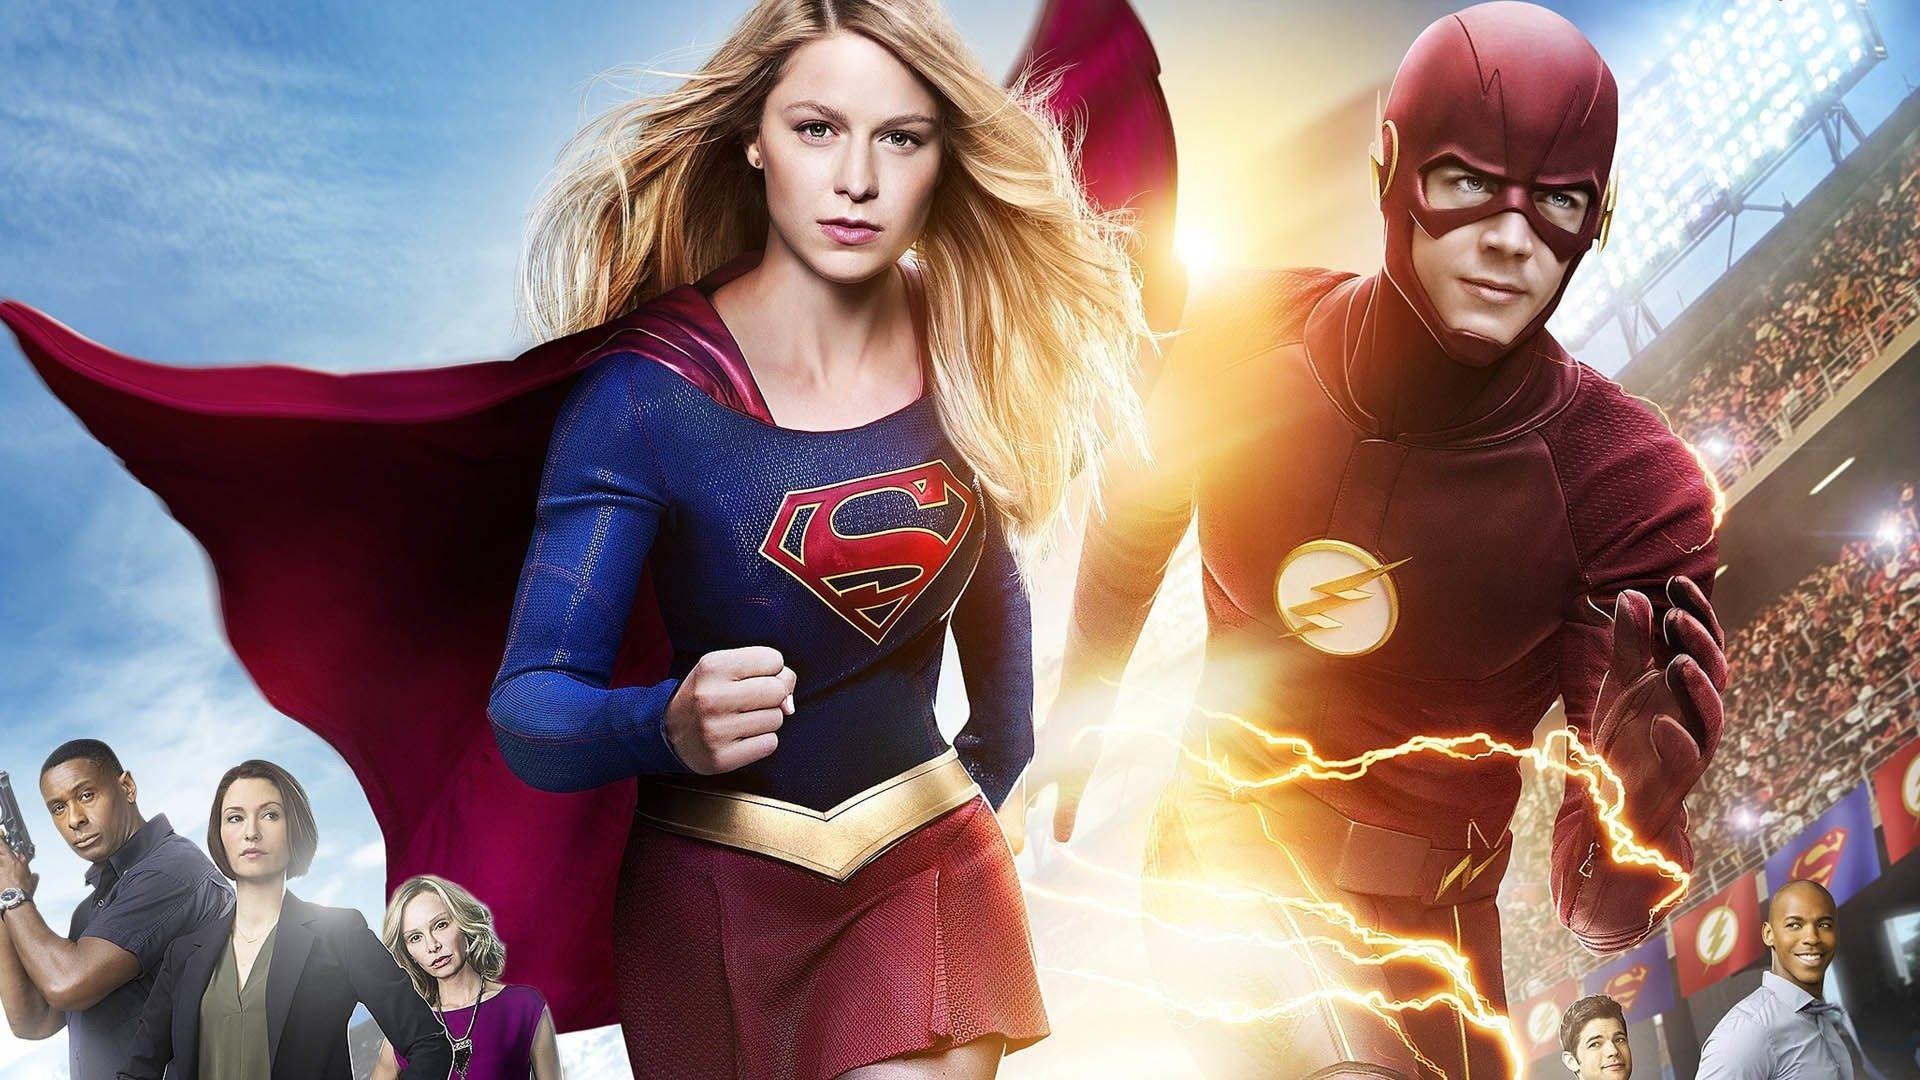 Must see Wallpaper Logo Supergirl - 545bc92dcd774f094d515665bd7f3648  Snapshot_39486.jpg